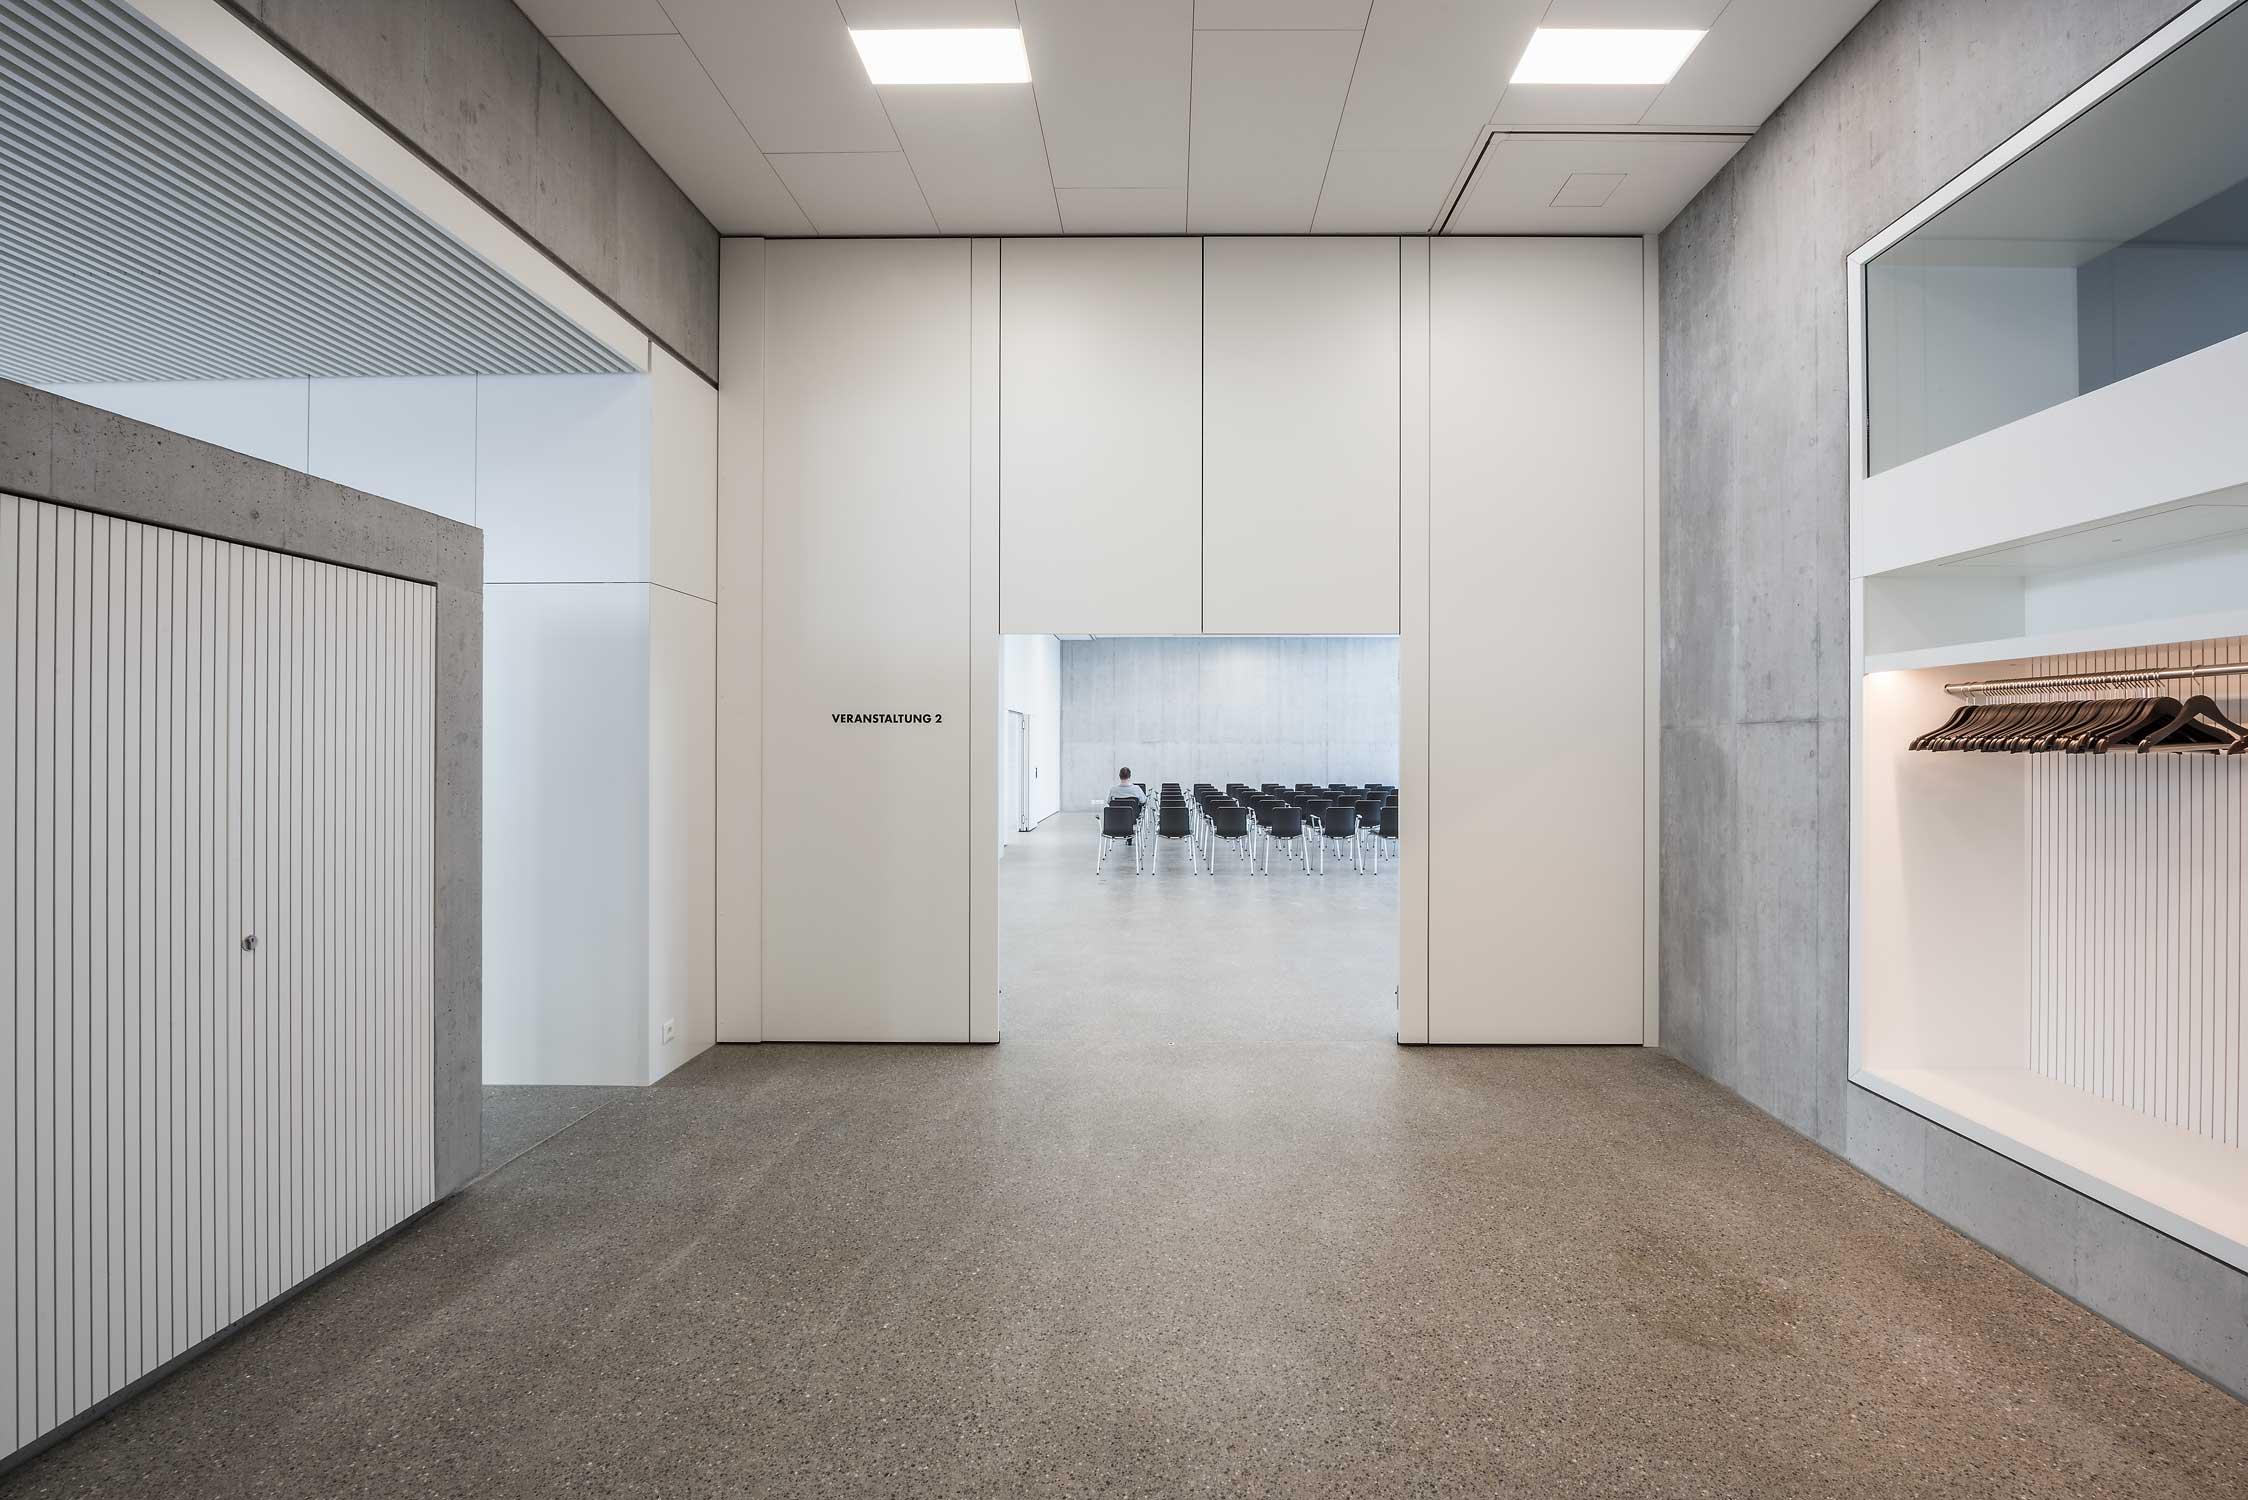 Pflegezentrum-Ennetsee in Cham. Innenaufnahme des Eingangsbereichs mit Blick in den Saal.